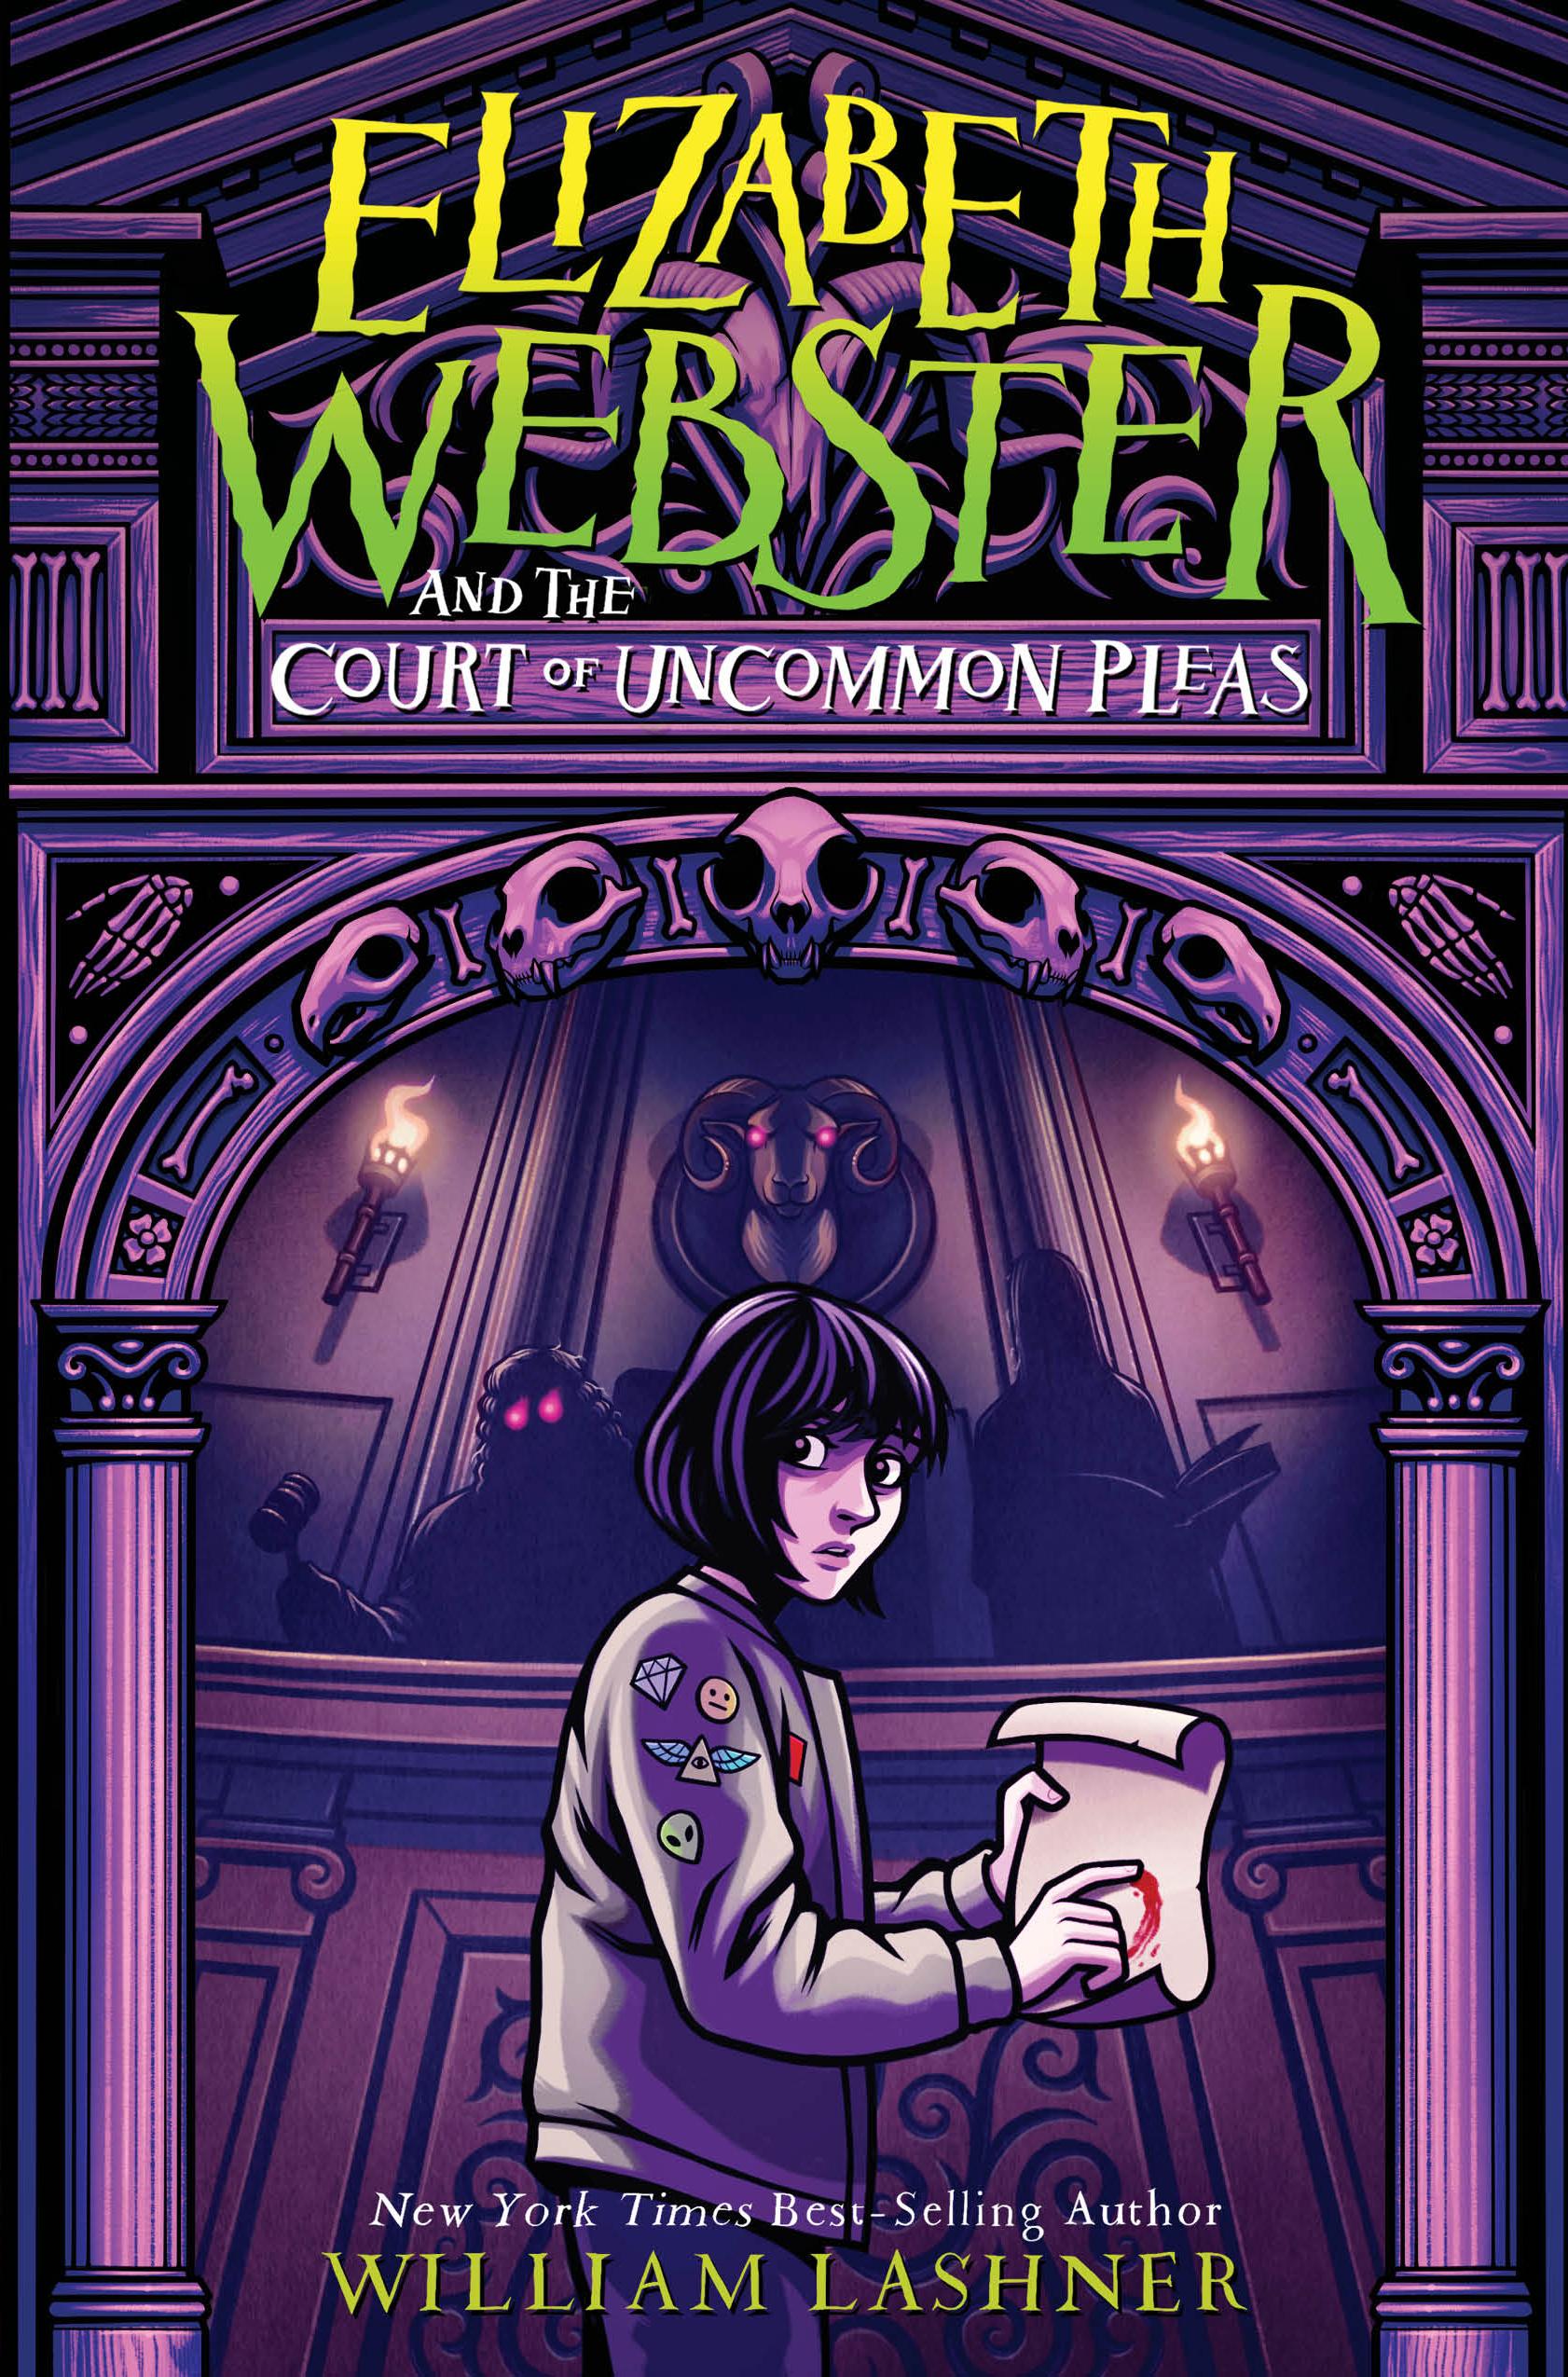 elizabeth-webster-arc-cover